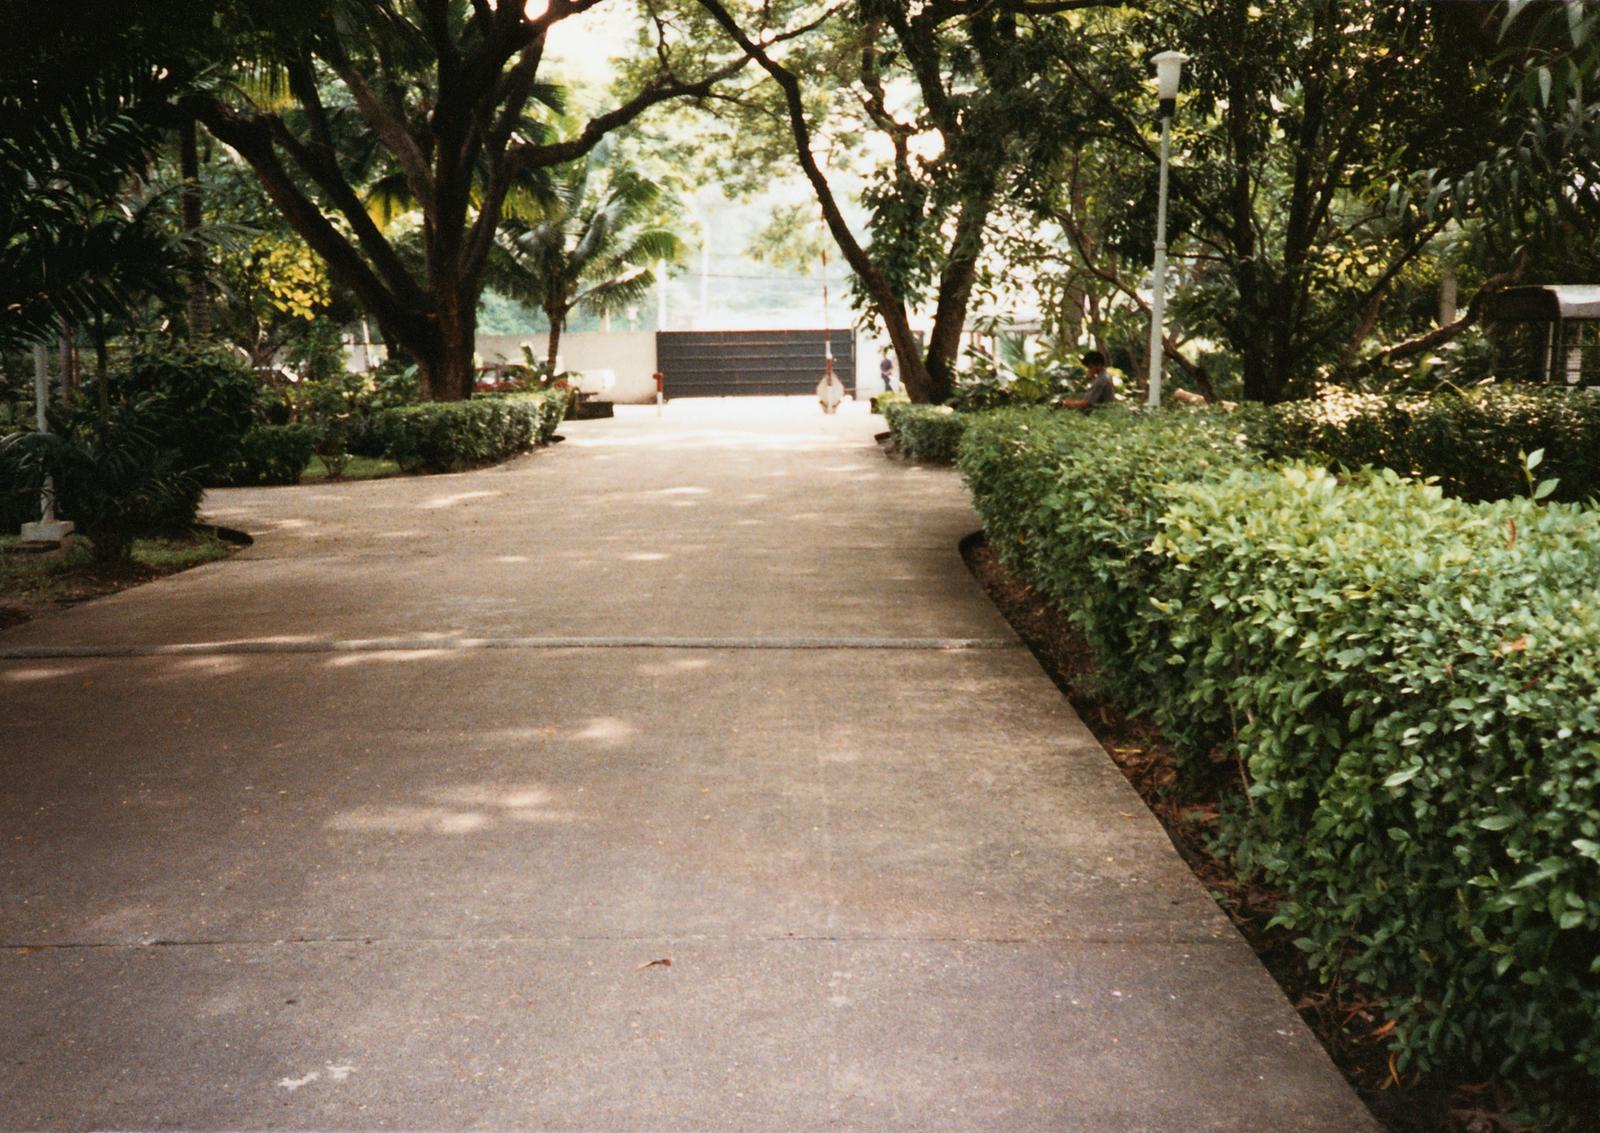 Bangkok - Compound Site - 1989